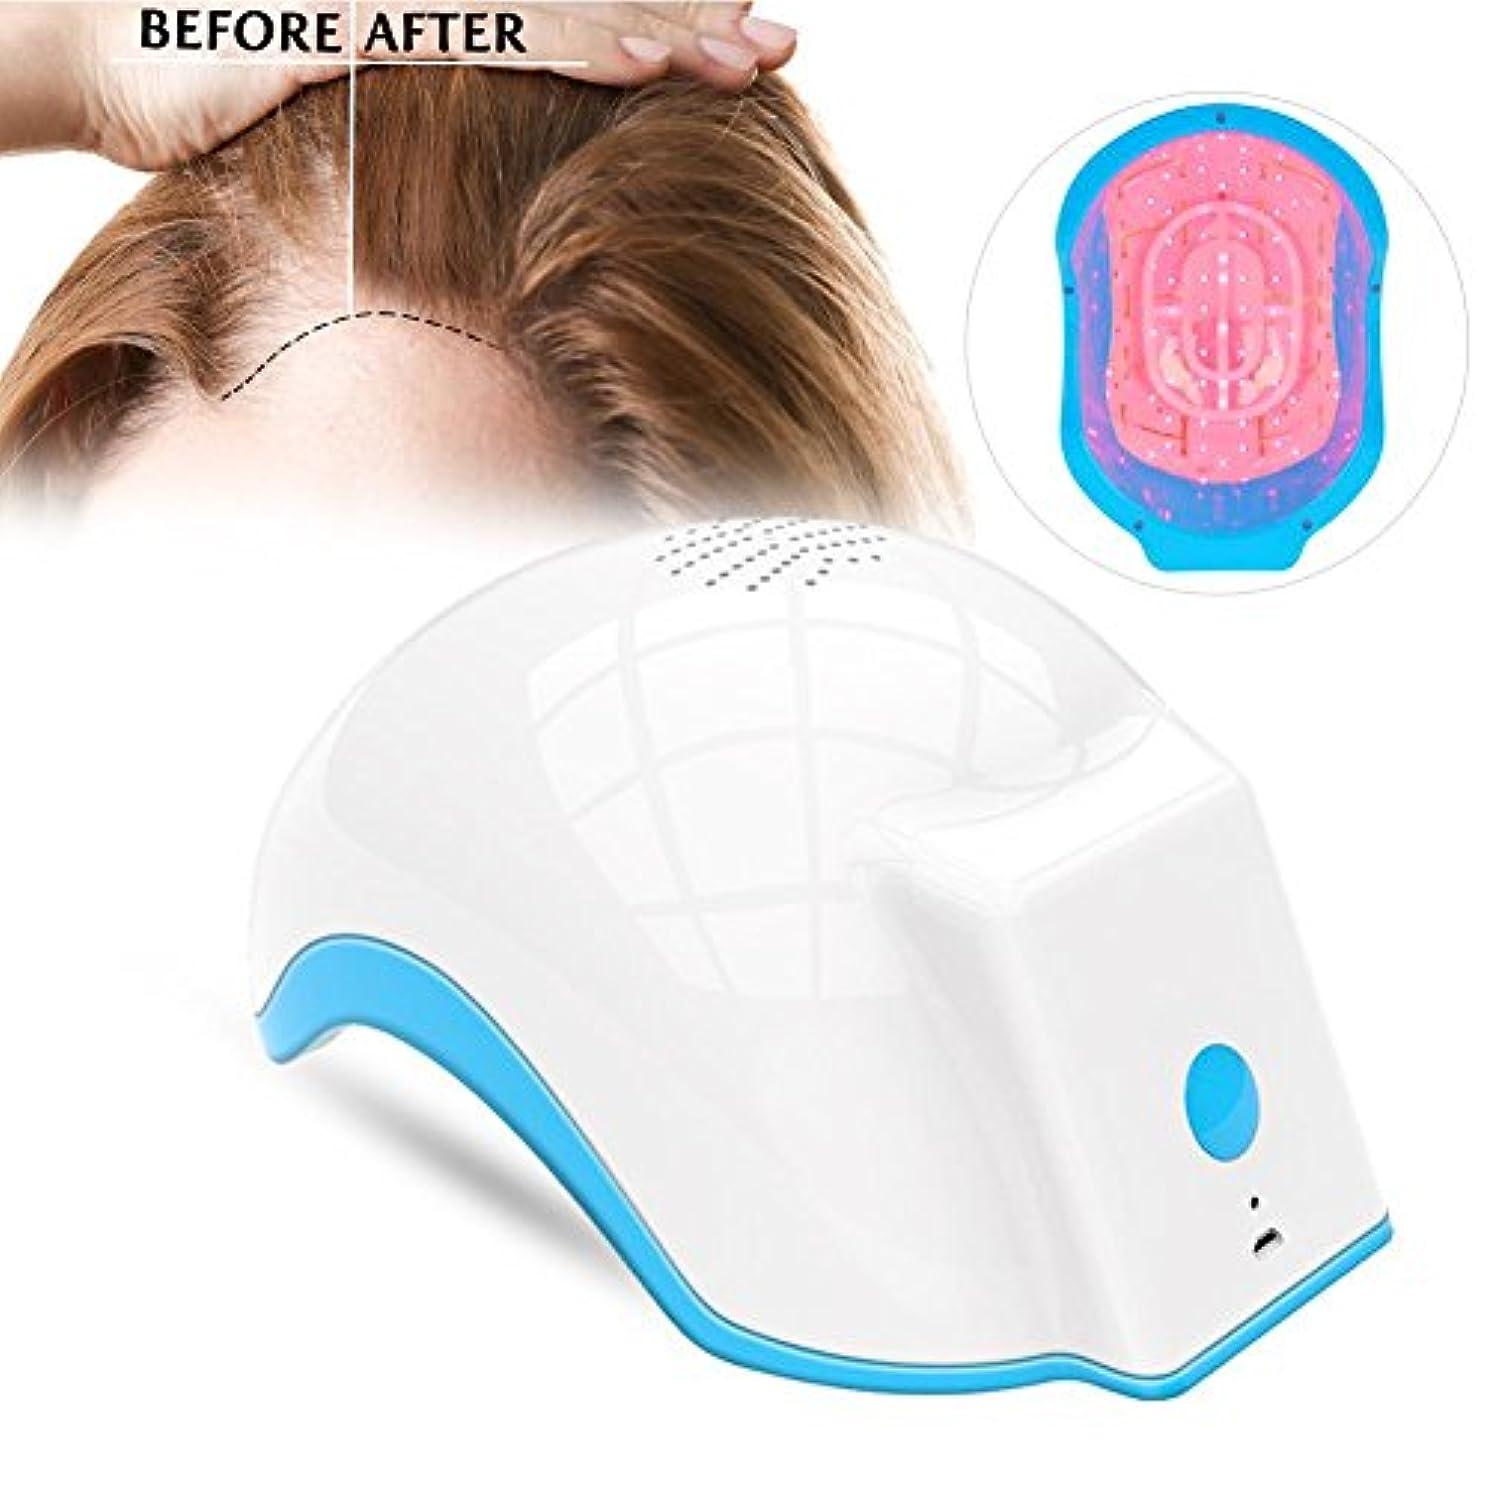 それに応じて標準スロー毛の成長のヘルメット、セリウムは毛損失の再生の脱毛症の帽子のヘルメットの毛の再生キャップのマッサージ装置の反毛損失装置を承認しました(US)